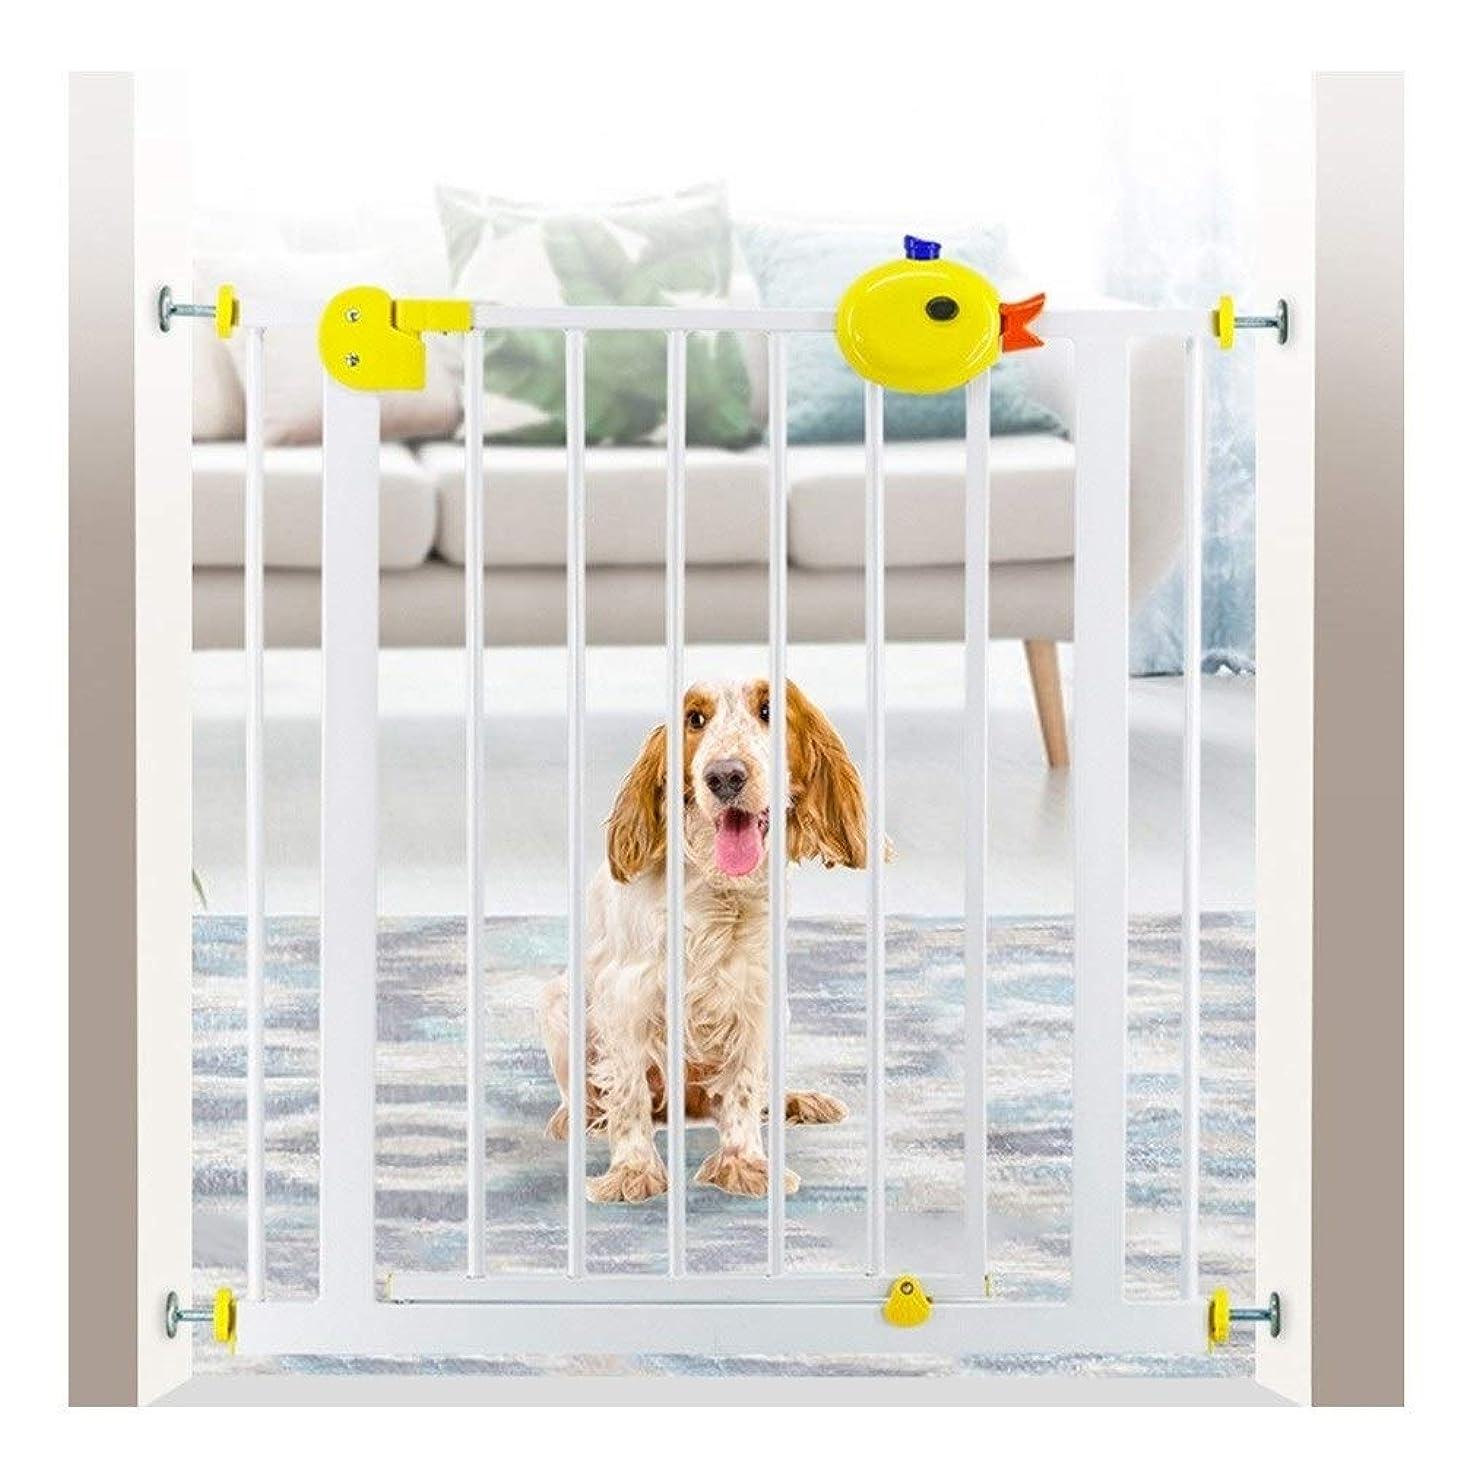 夫見かけ上電話に出るZHANWEI ベビーゲート 拡張可能、 階段用ベビーゲート 圧入 メタルエクストラワイドペットゲート、 子供やペットに最適 (Color : White+Yellow, Size : 85-94cm)